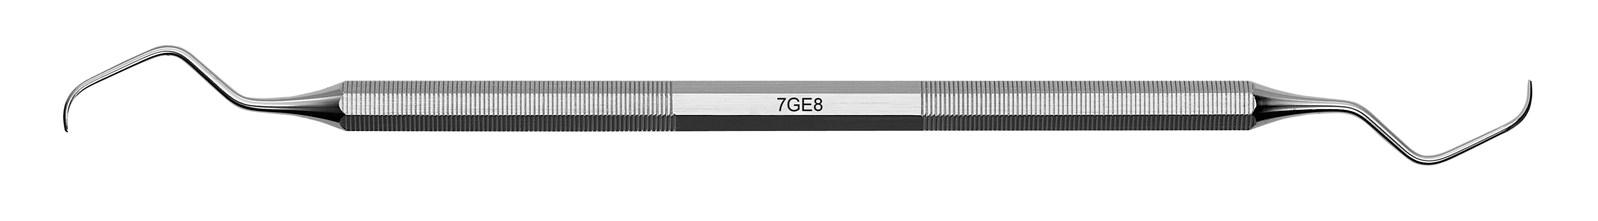 Kyreta Gracey Classic - 7GE8, ADEP silikonový návlek růžový